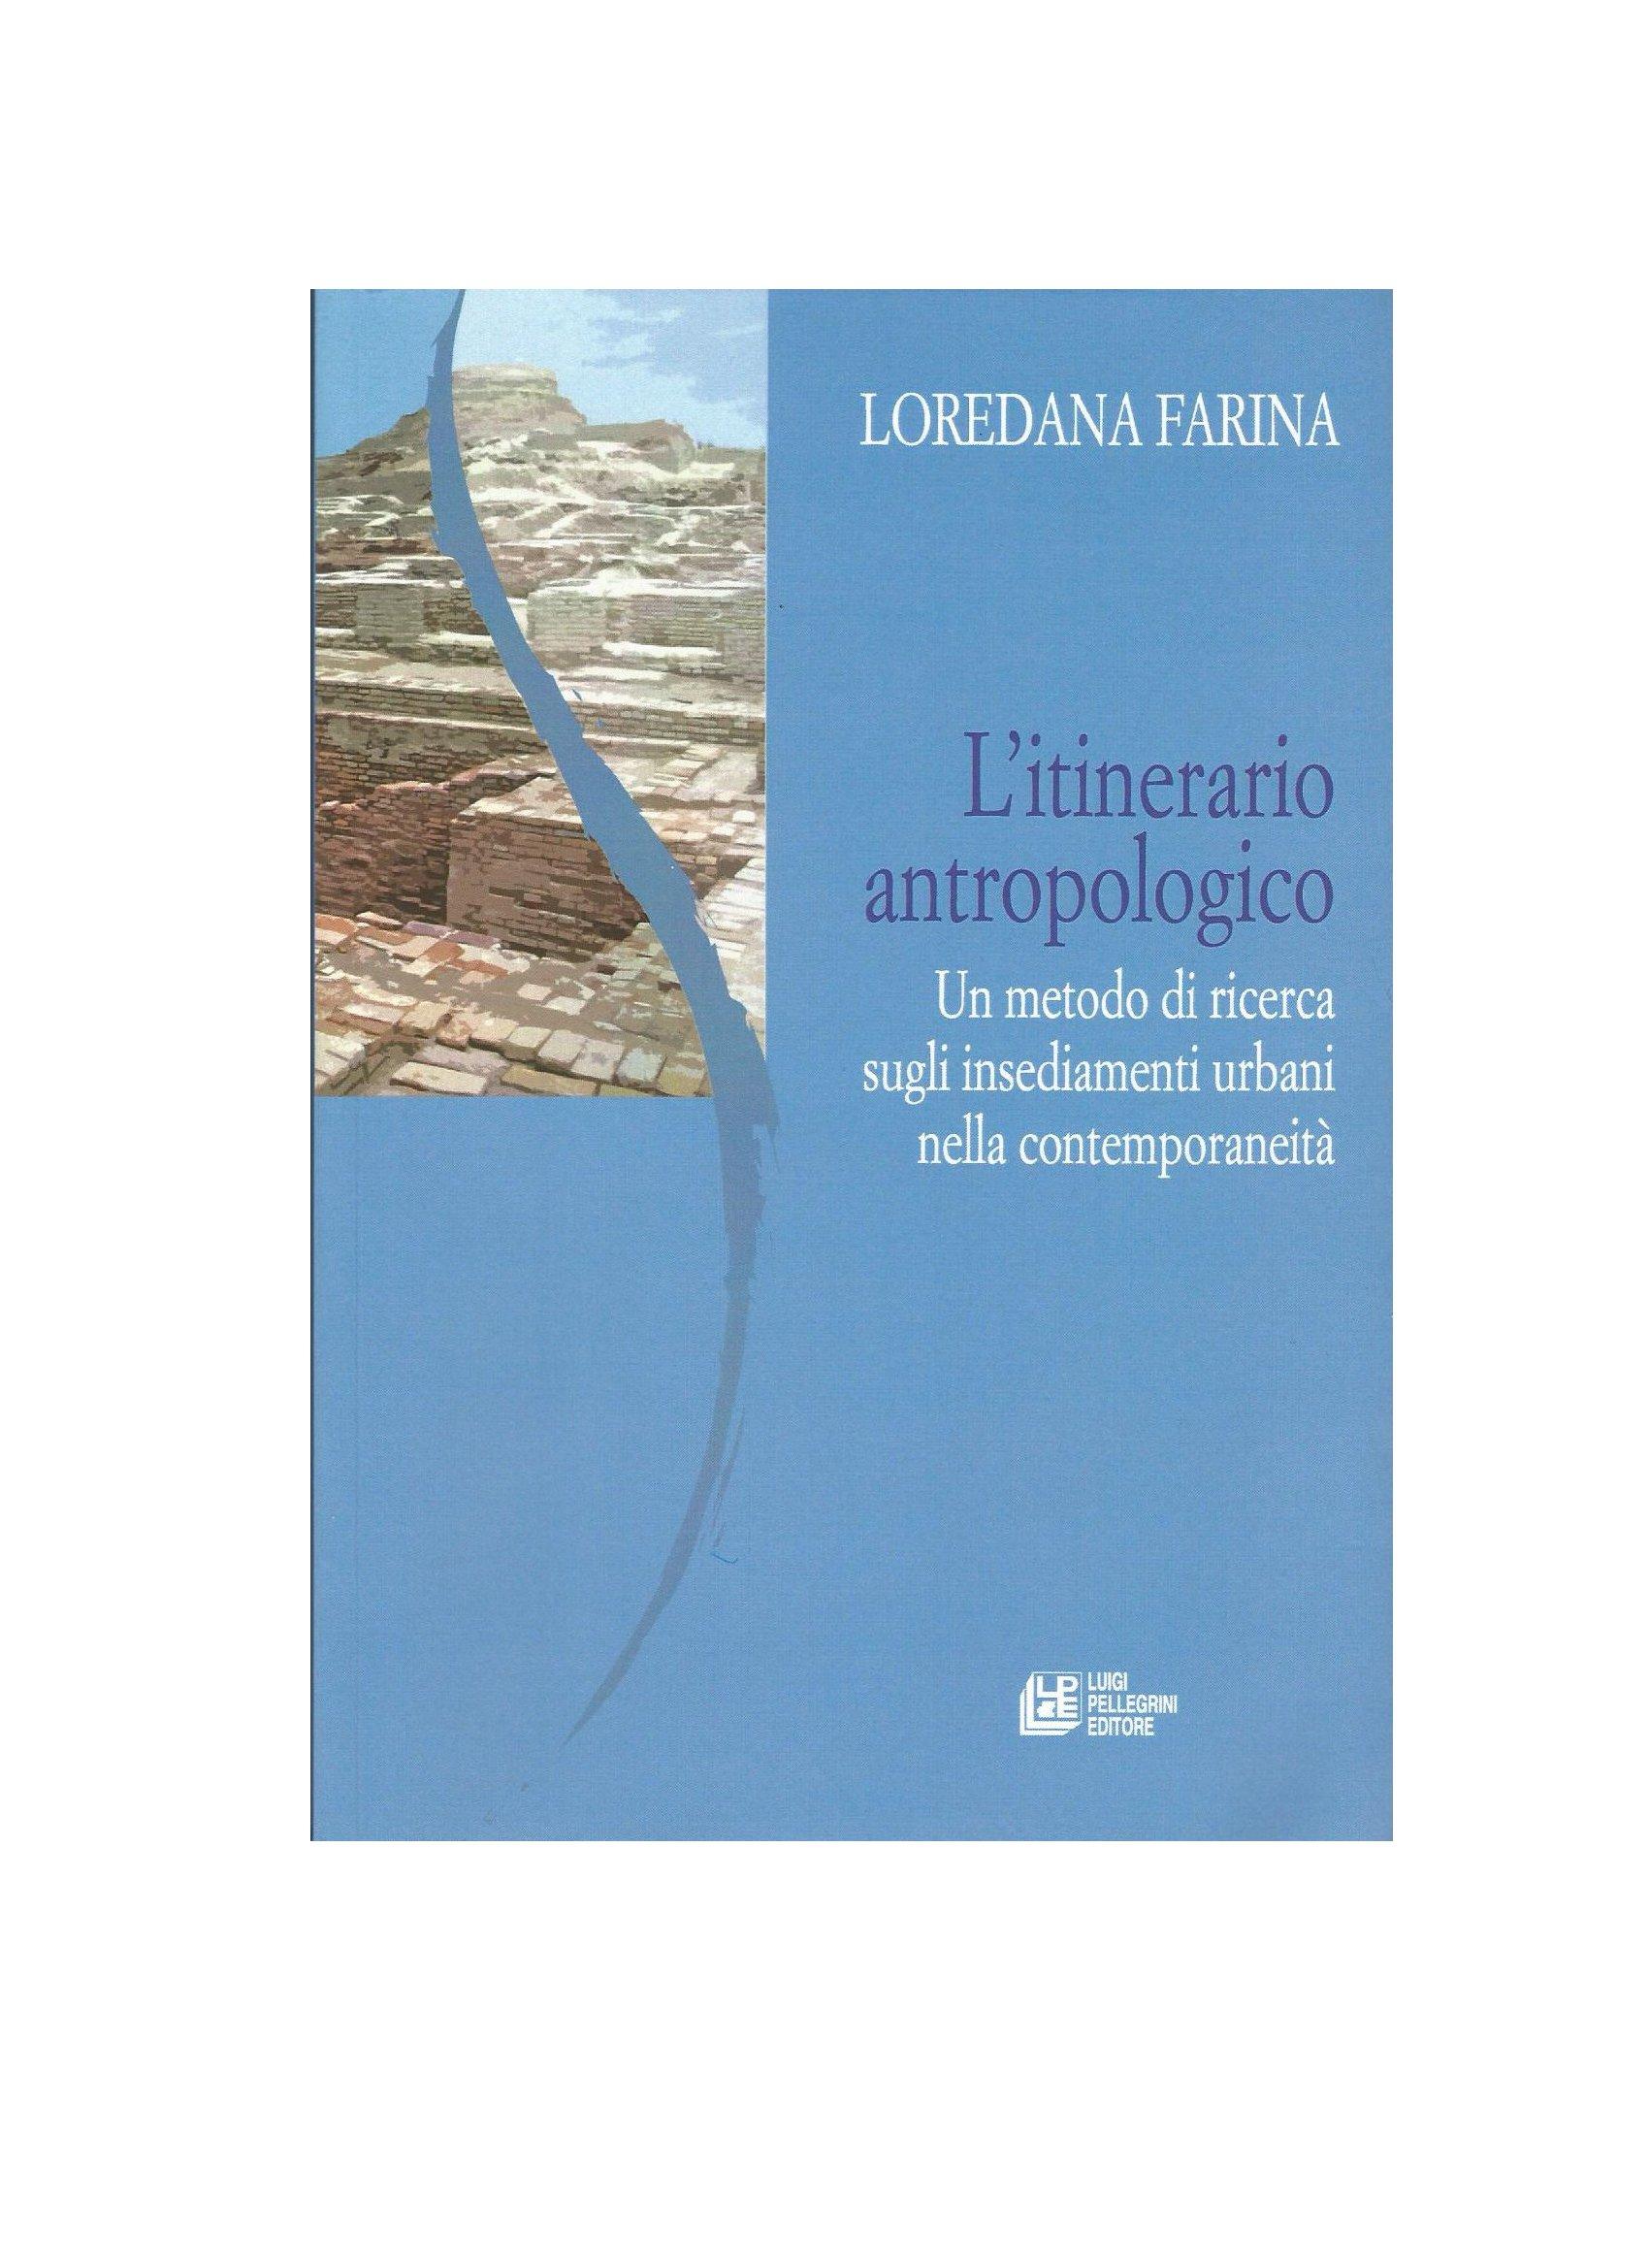 L'itinerario antropologico. Un metodo di ricerca sugli insediamenti urbani nella contemporaneità